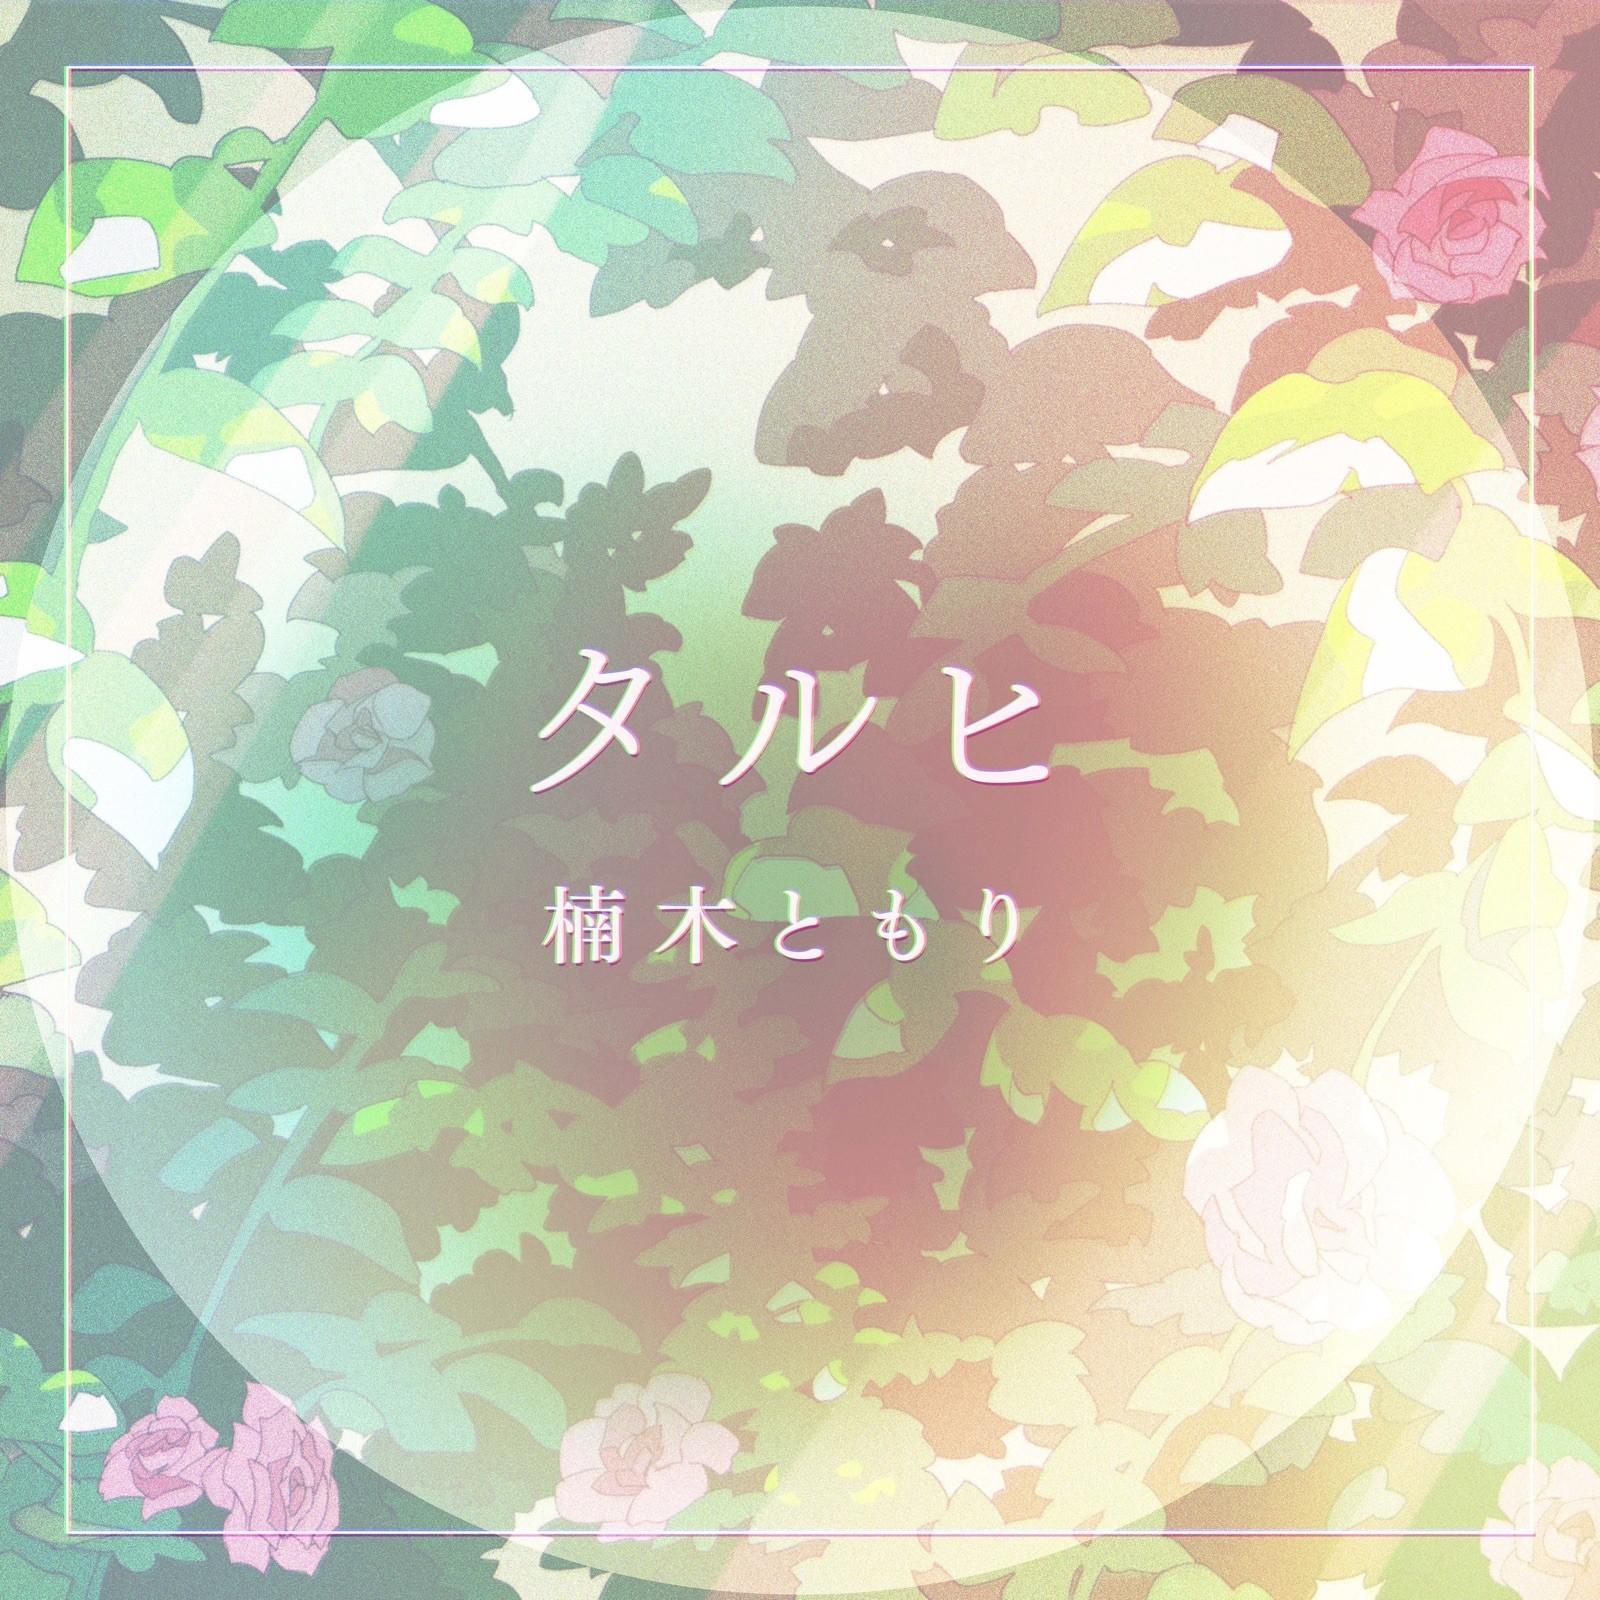 楠木ともり (Tomori Kusunoki) – タルヒ [24bit Lossless + MP3 / WEB] [2021.08.25]